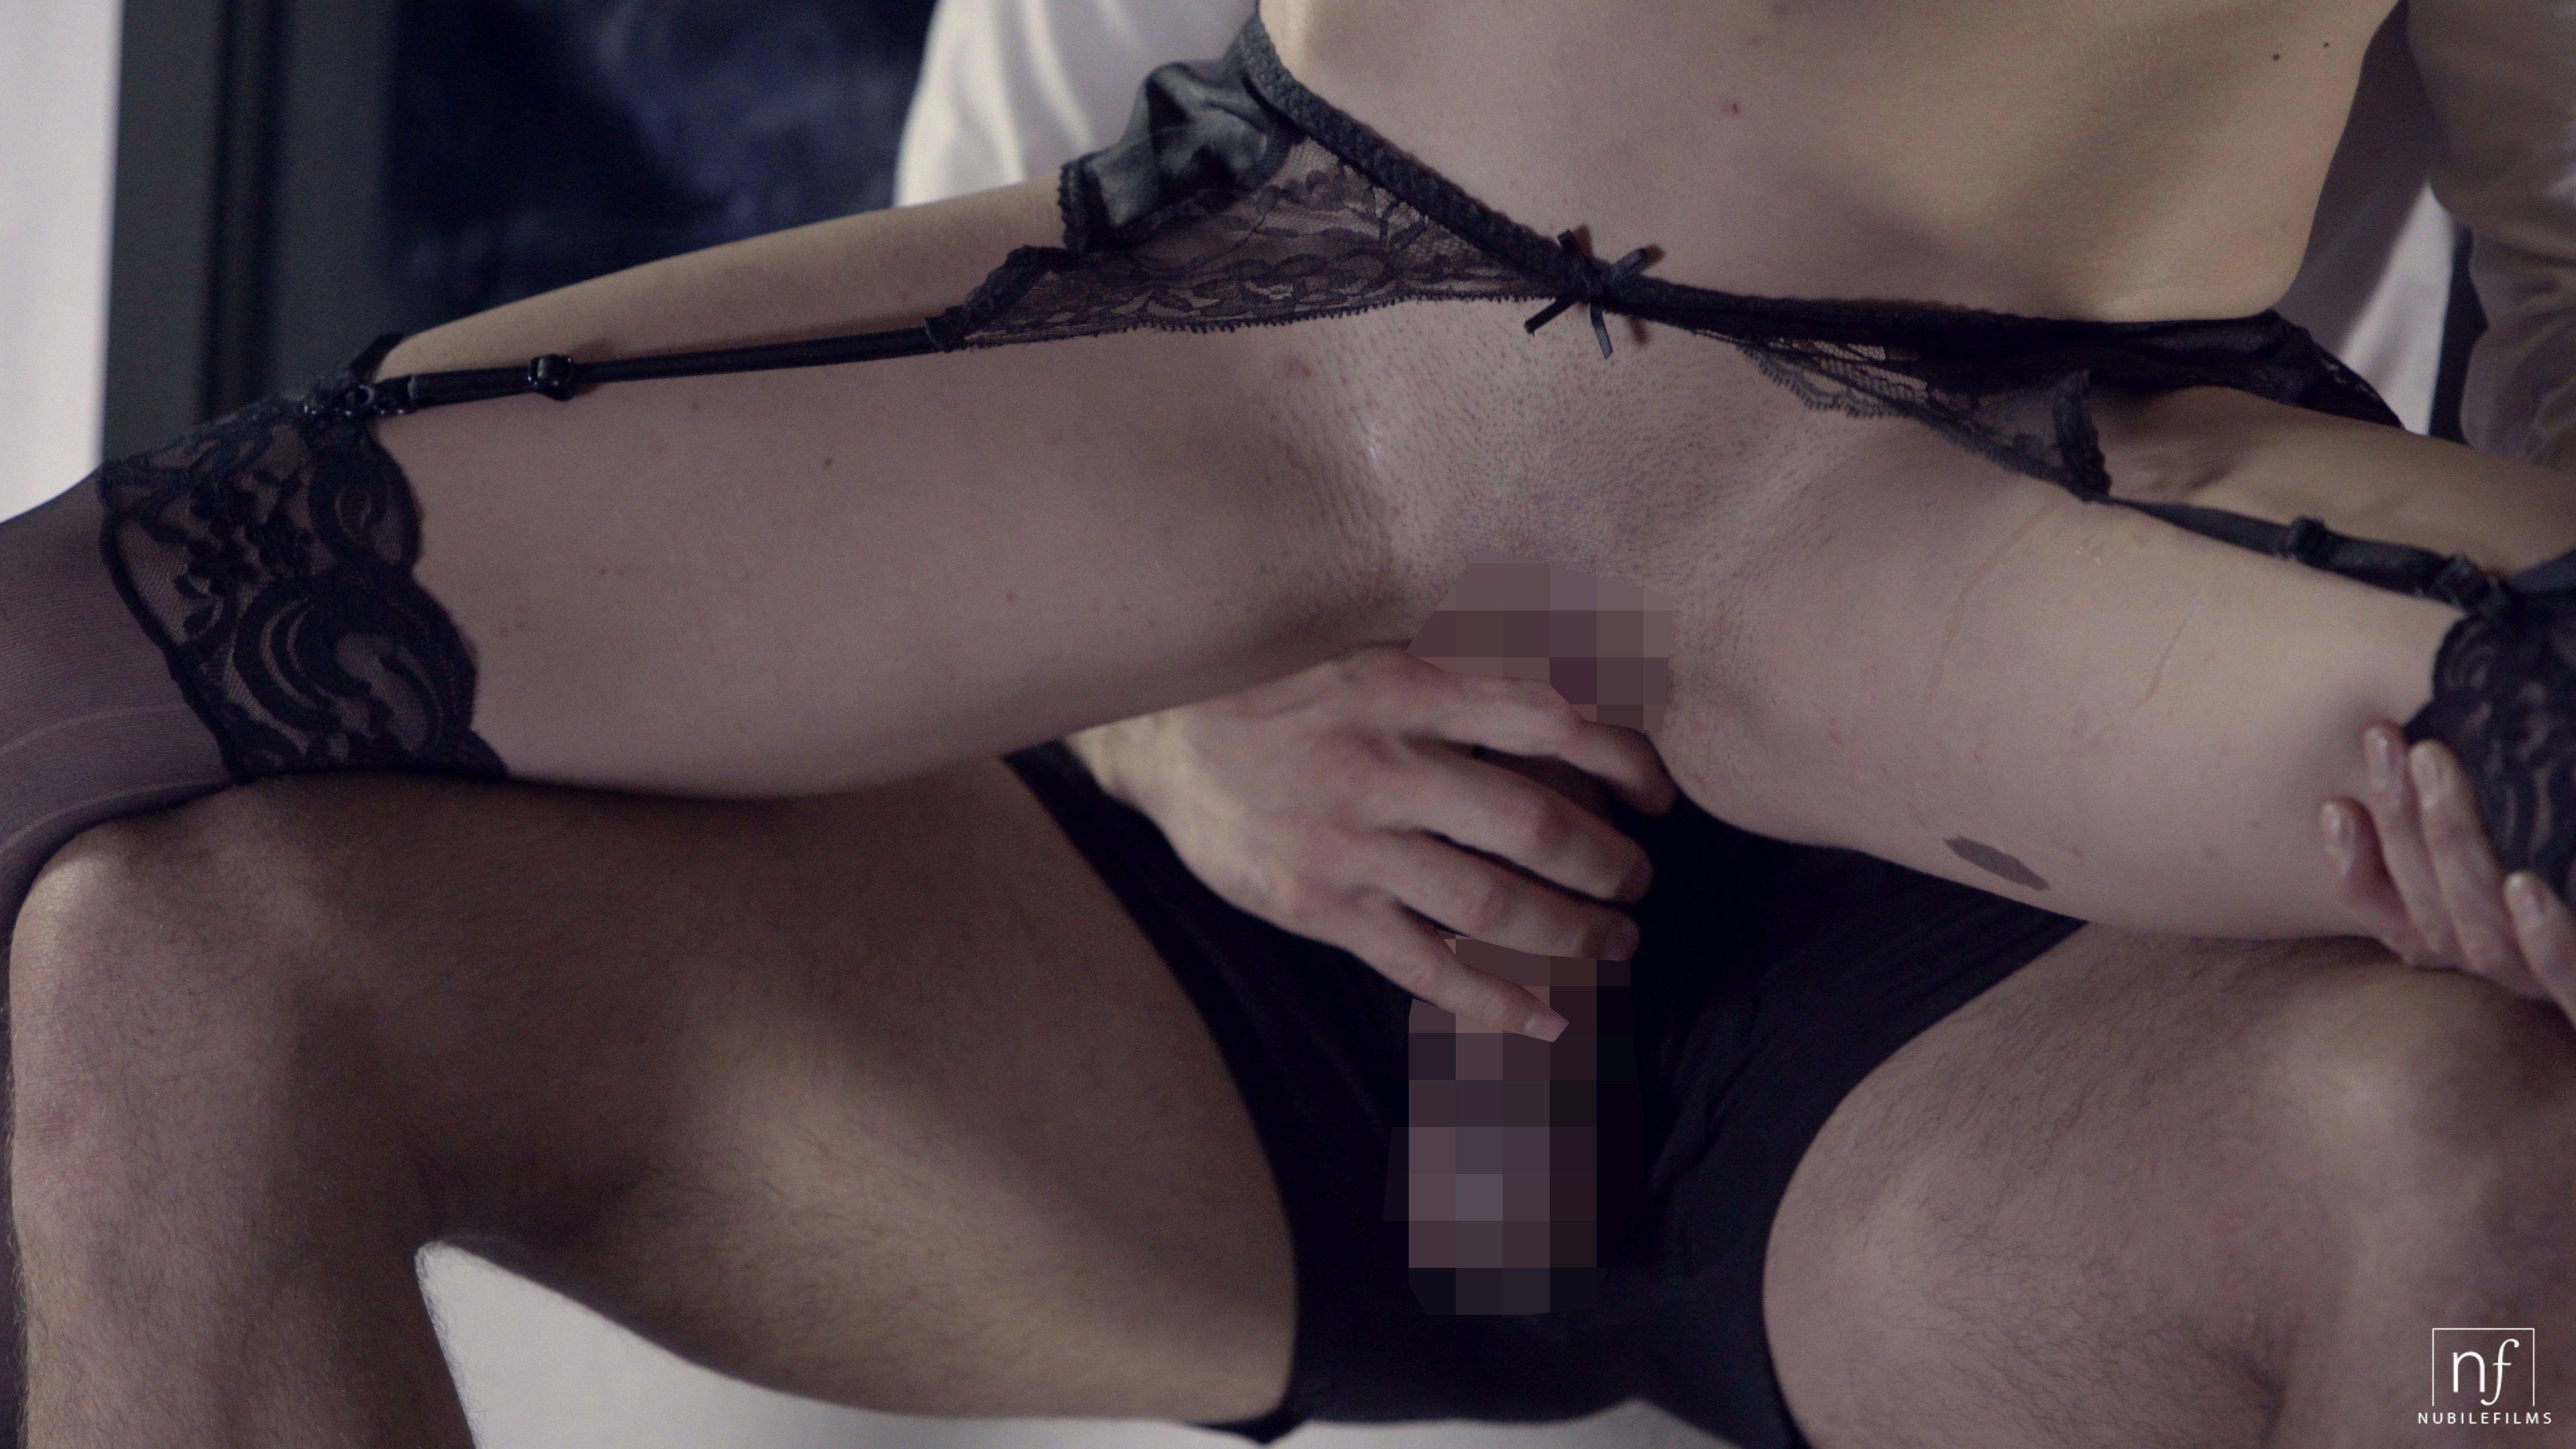 [パンスト] 国外のストッキング類に萌え [ガーター] [無断転載禁止]©bbspink.comYouTube動画>35本 ->画像>1825枚